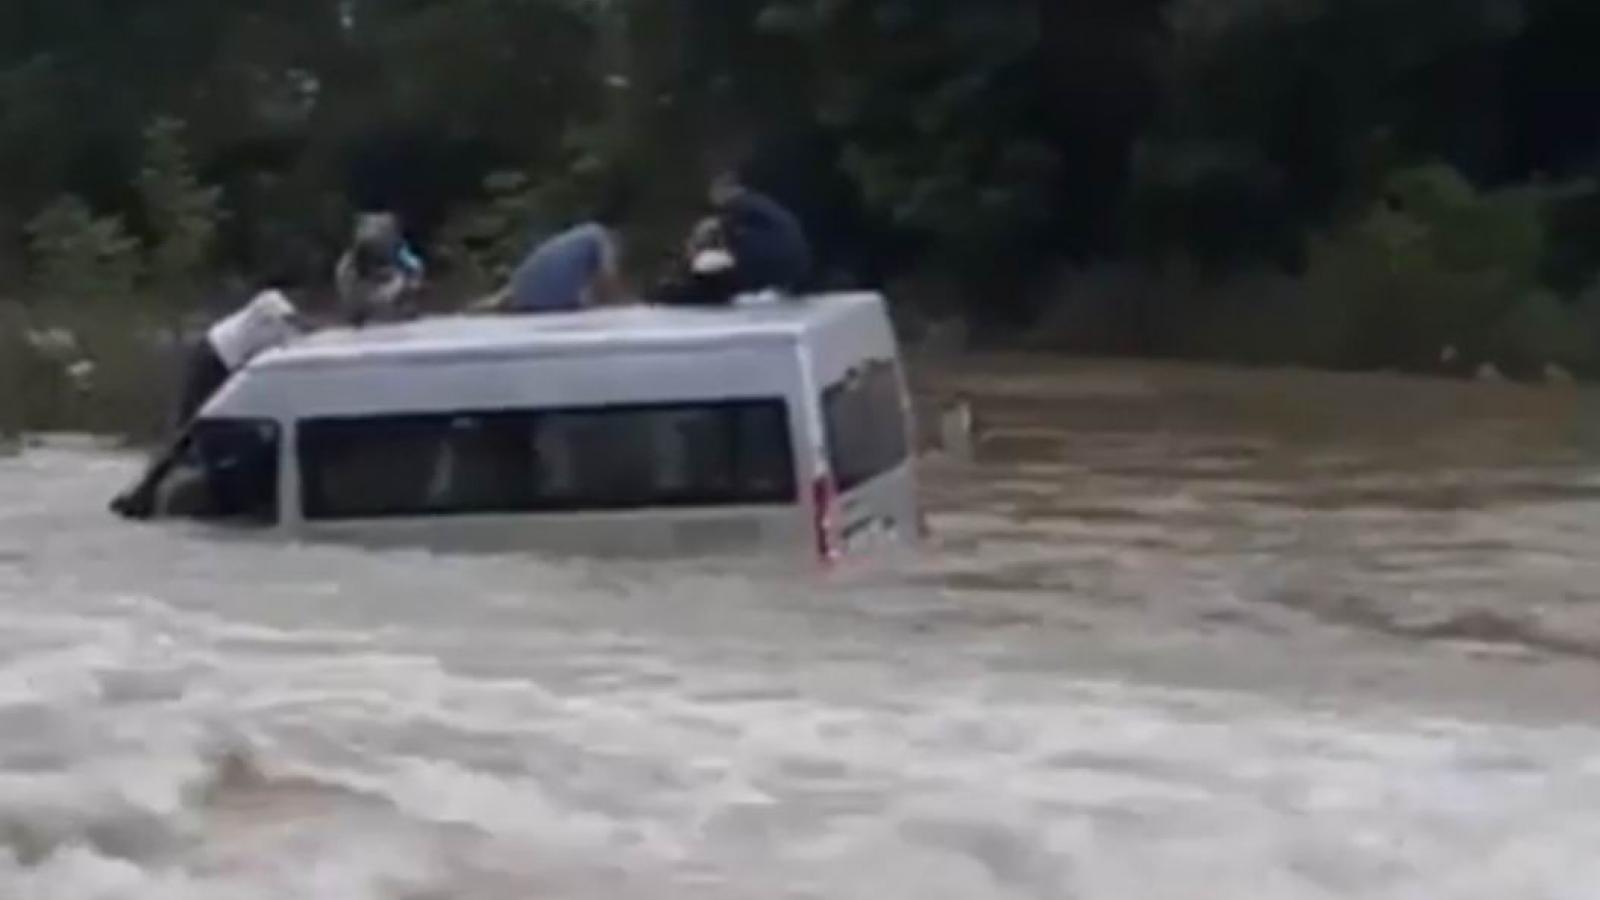 Liều lĩnh vượt ngầm tràn khi có lũ, xe khách bị cuốn trôi ở Cao Bằng